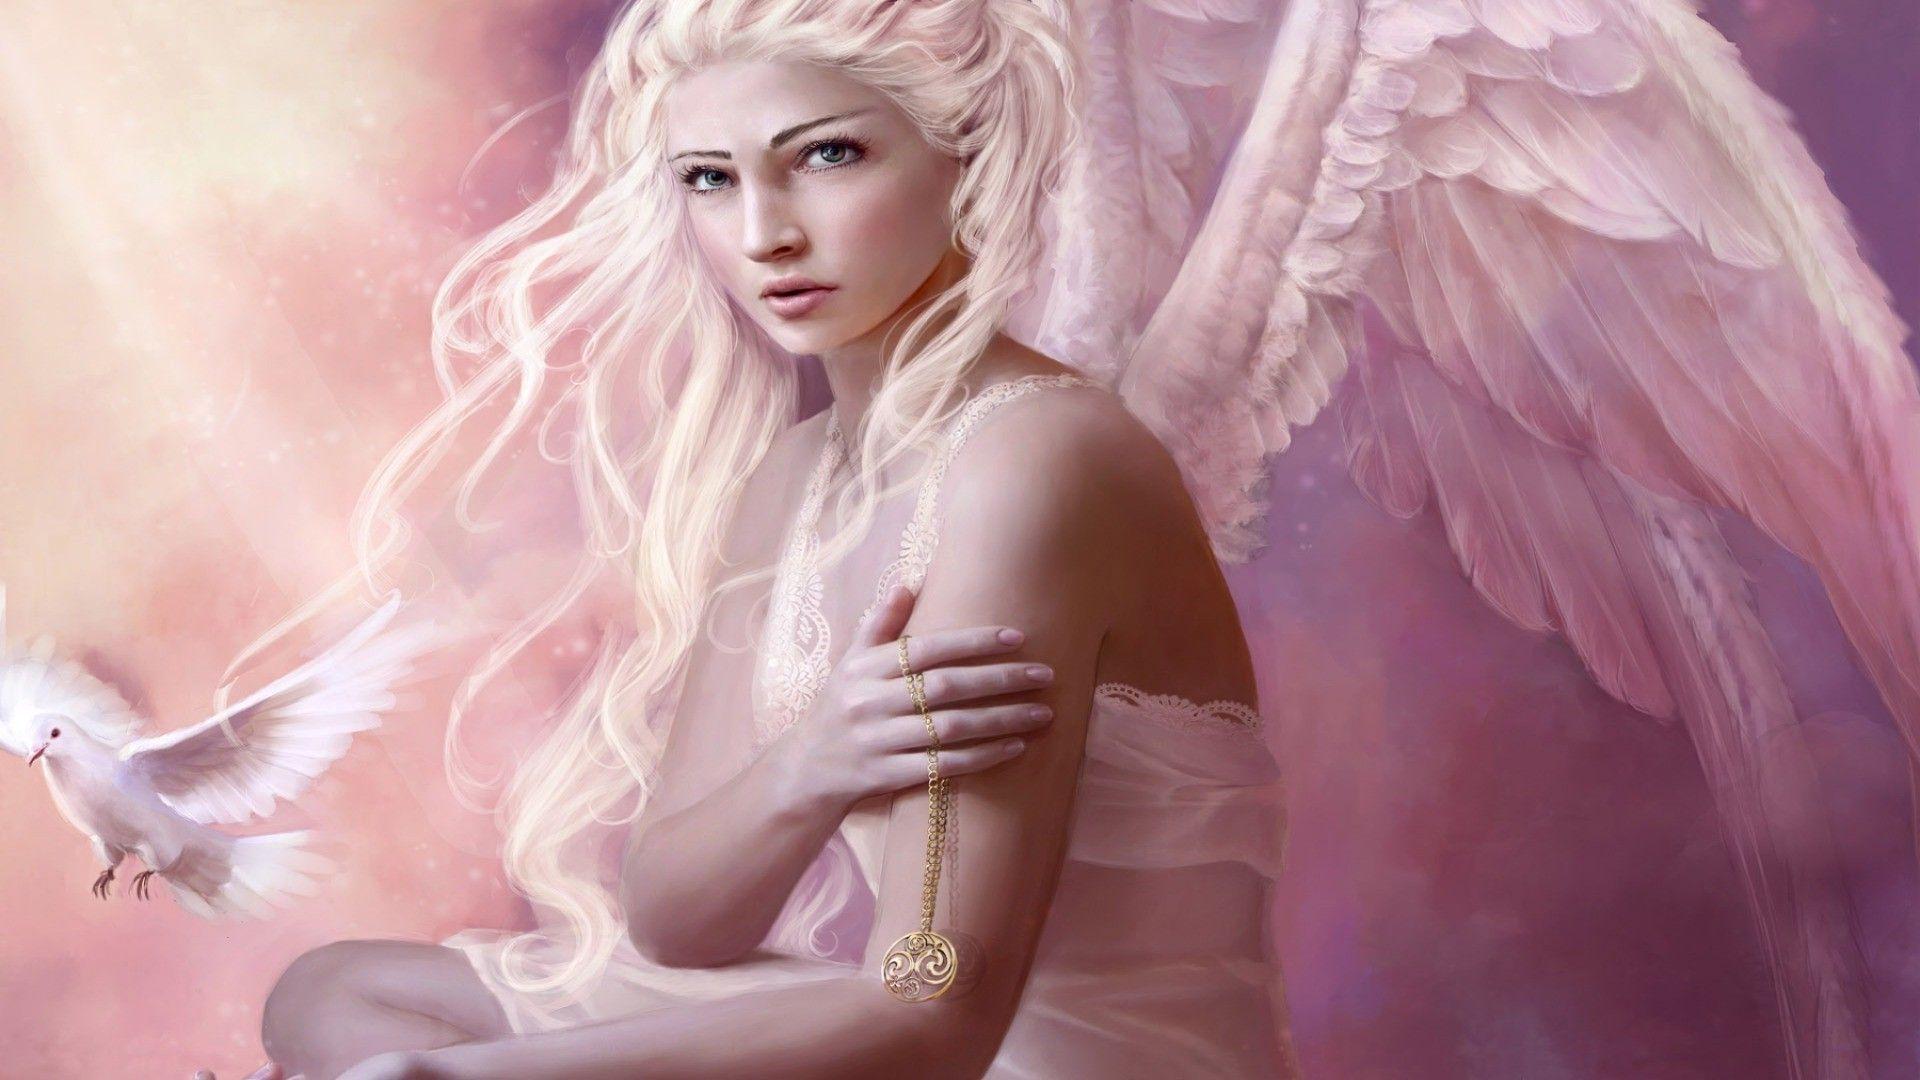 Angel Girl Photo Light